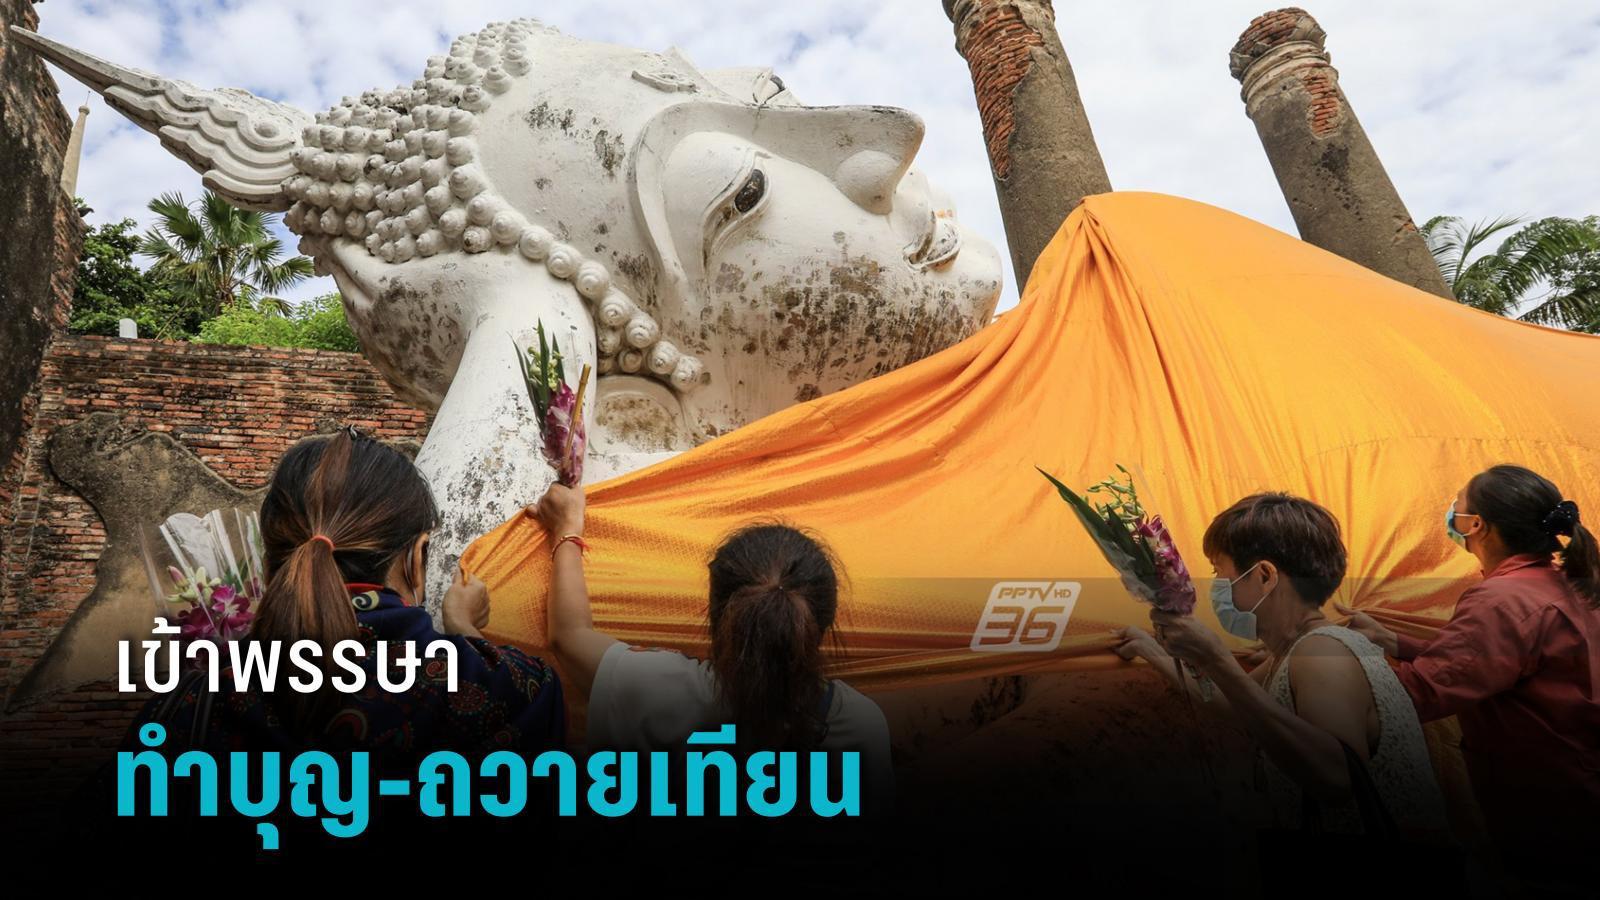 """วันเข้าพรรษา 2564 วันสำคัญทางพุทธศาสนาของไทย  """"ทำบุญ-ถวายเทียน"""""""